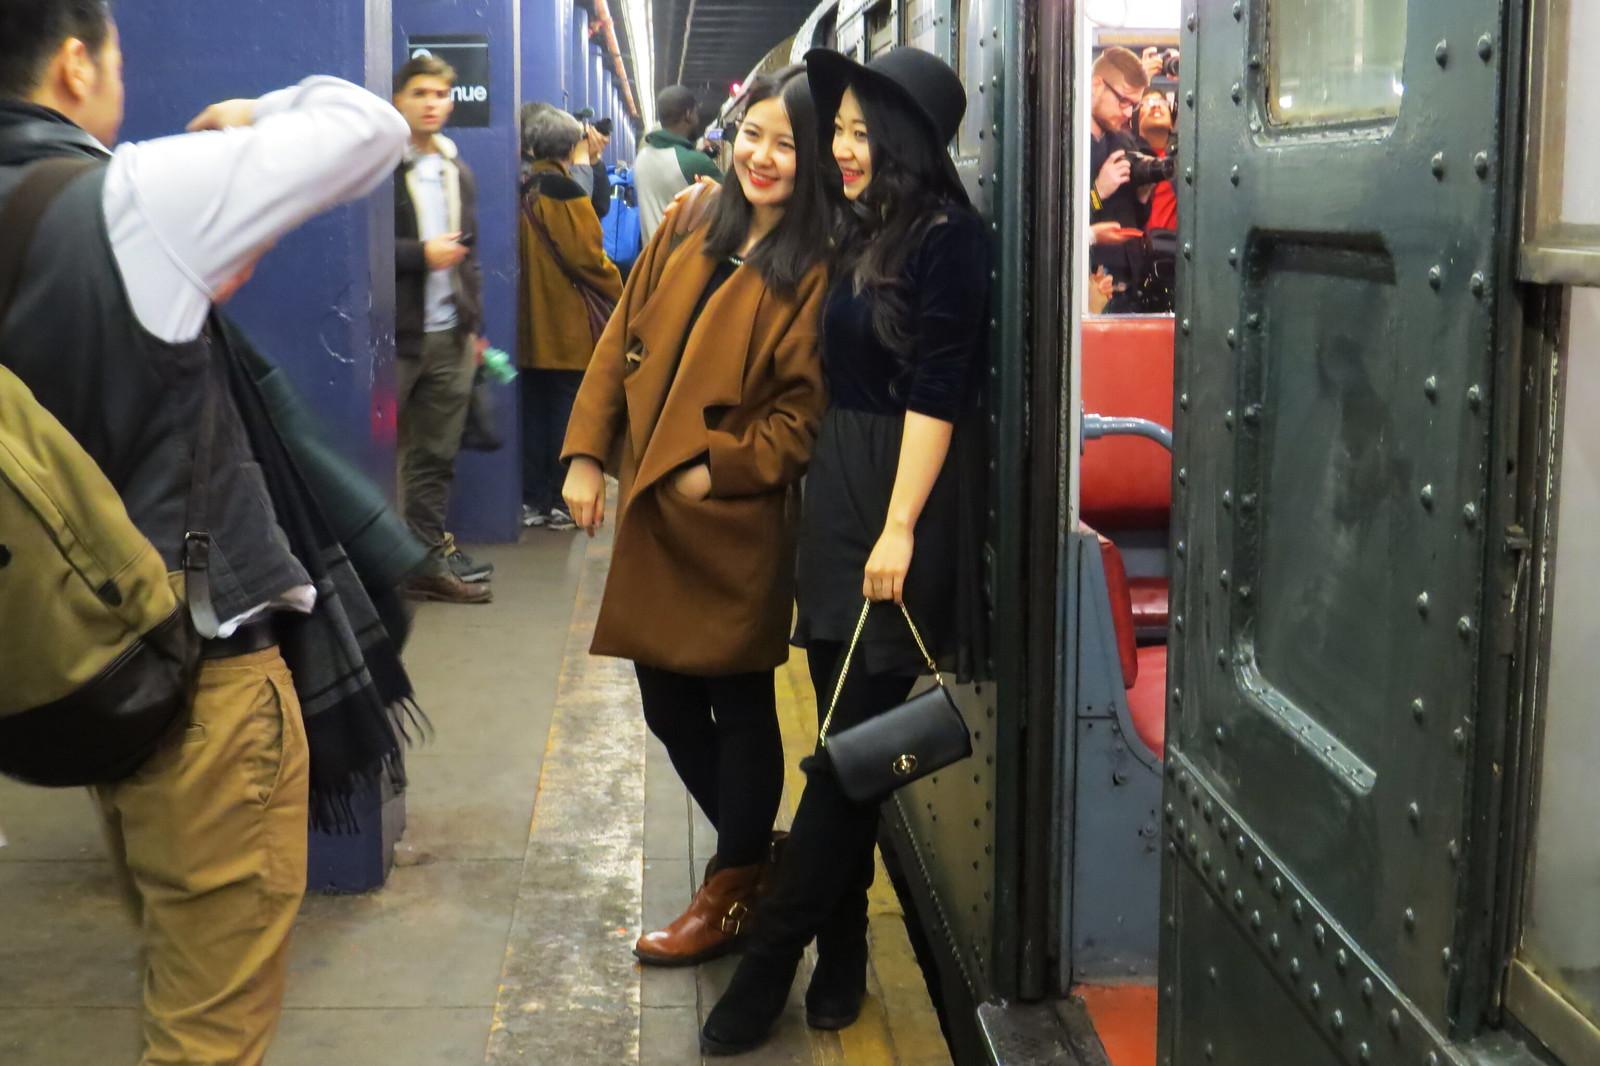 Retro subway, NY